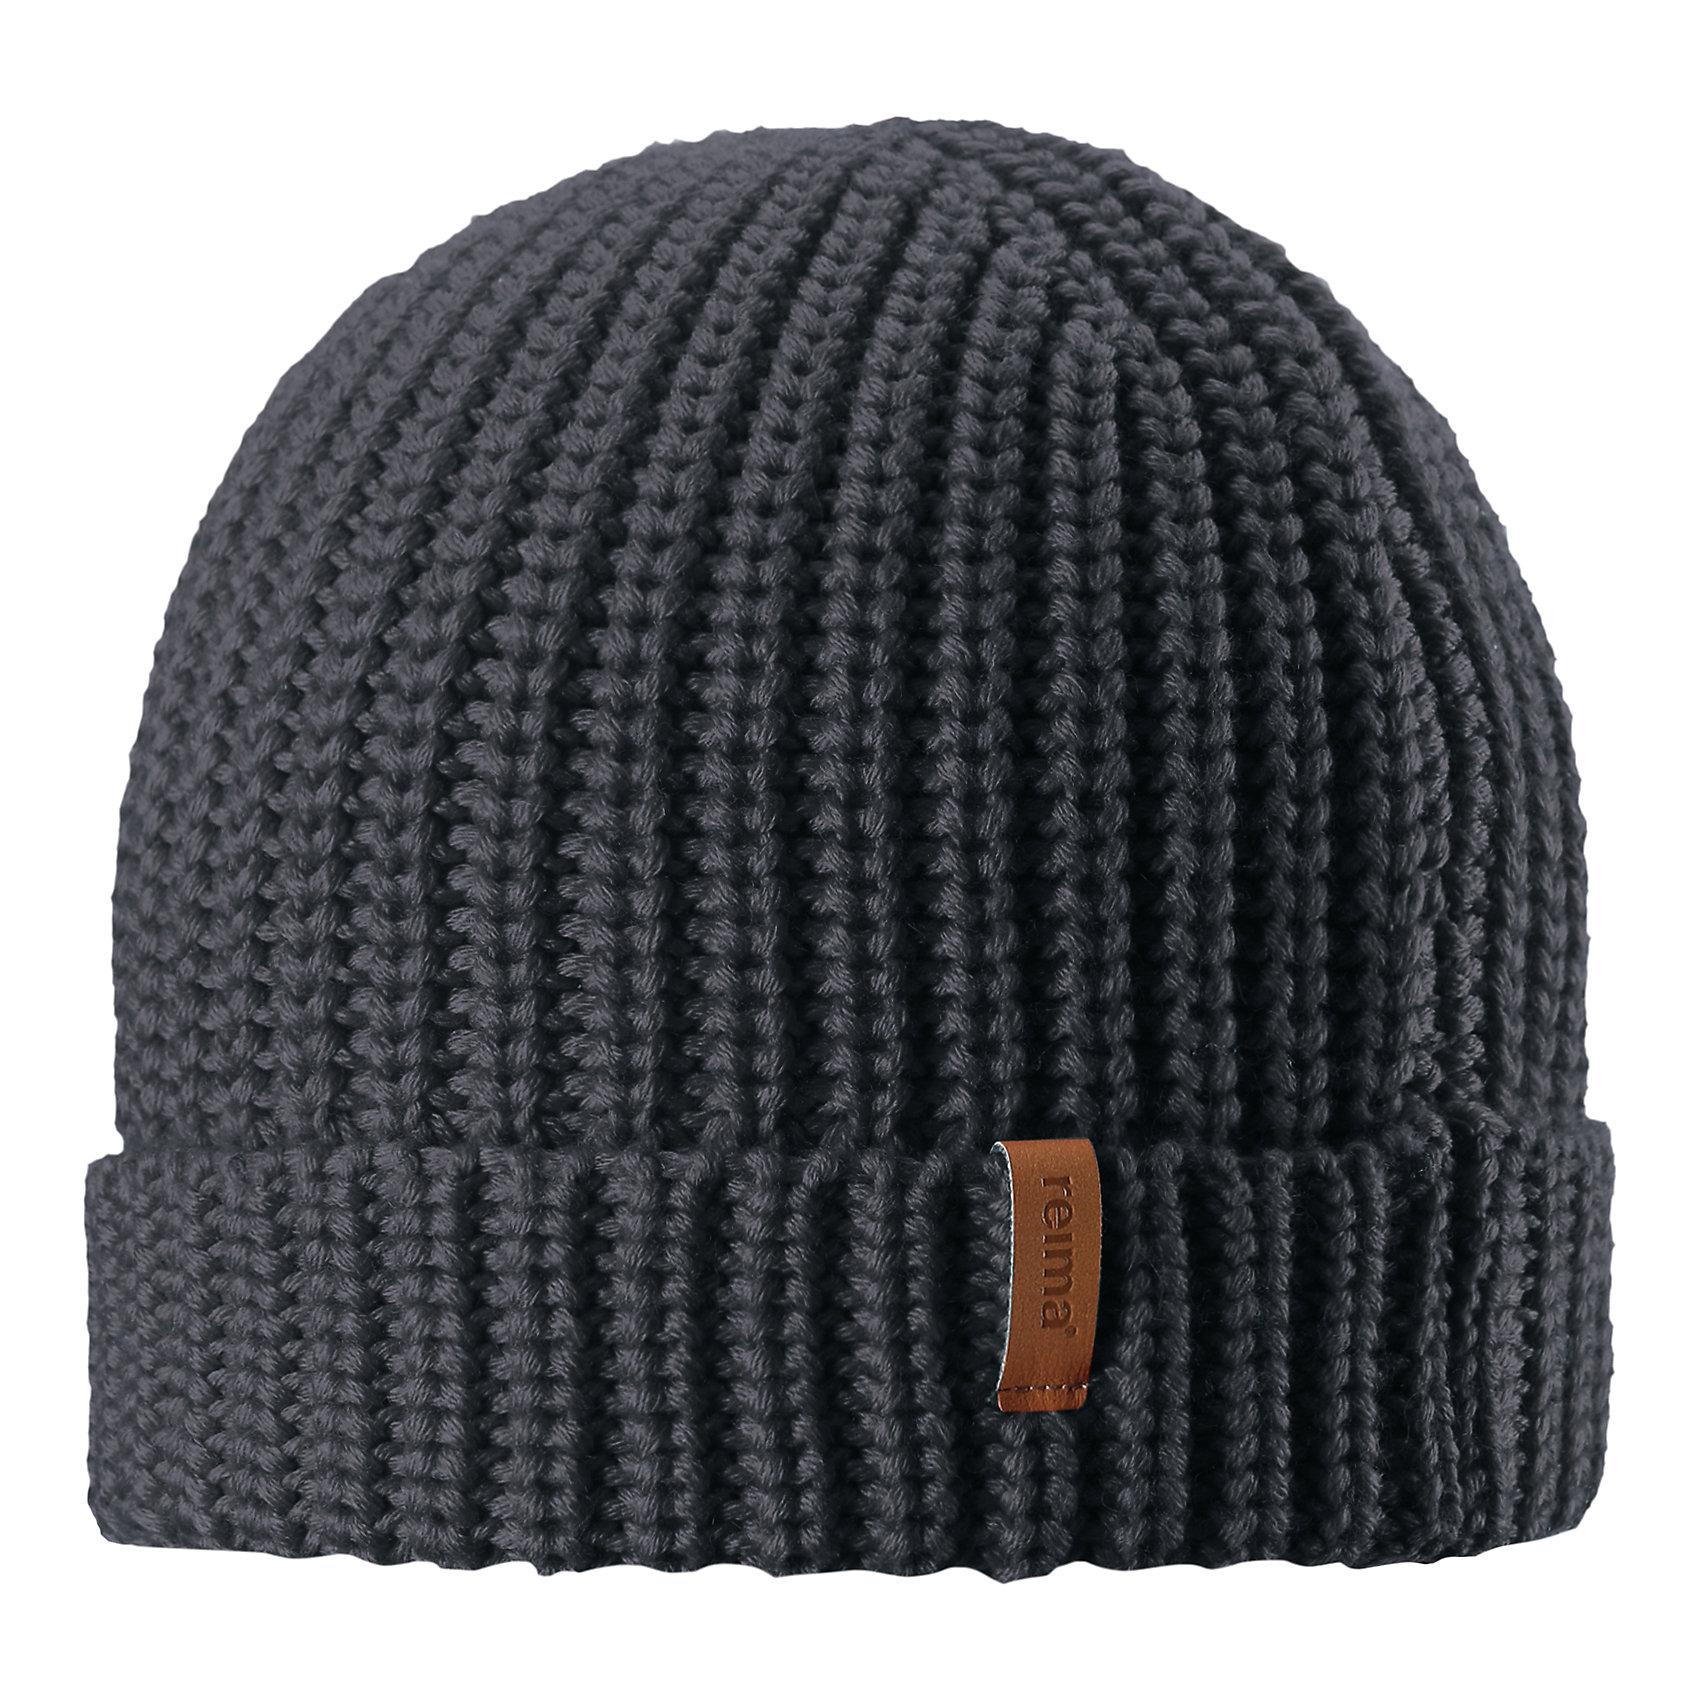 Шапка Vanttuu ReimaГоловные уборы<br>Детская шапка из теплого полушерстяного трикотажа. Шерсть – превосходный терморегулятор. Облегченная модель без подкладки. Оригинальный структурный узор дополняет образ.<br>Состав:<br>50% Шерсть, 50% Полиакрил<br><br>Ширина мм: 89<br>Глубина мм: 117<br>Высота мм: 44<br>Вес г: 155<br>Цвет: серый<br>Возраст от месяцев: 72<br>Возраст до месяцев: 84<br>Пол: Унисекс<br>Возраст: Детский<br>Размер: 54-56,50-52<br>SKU: 6902535